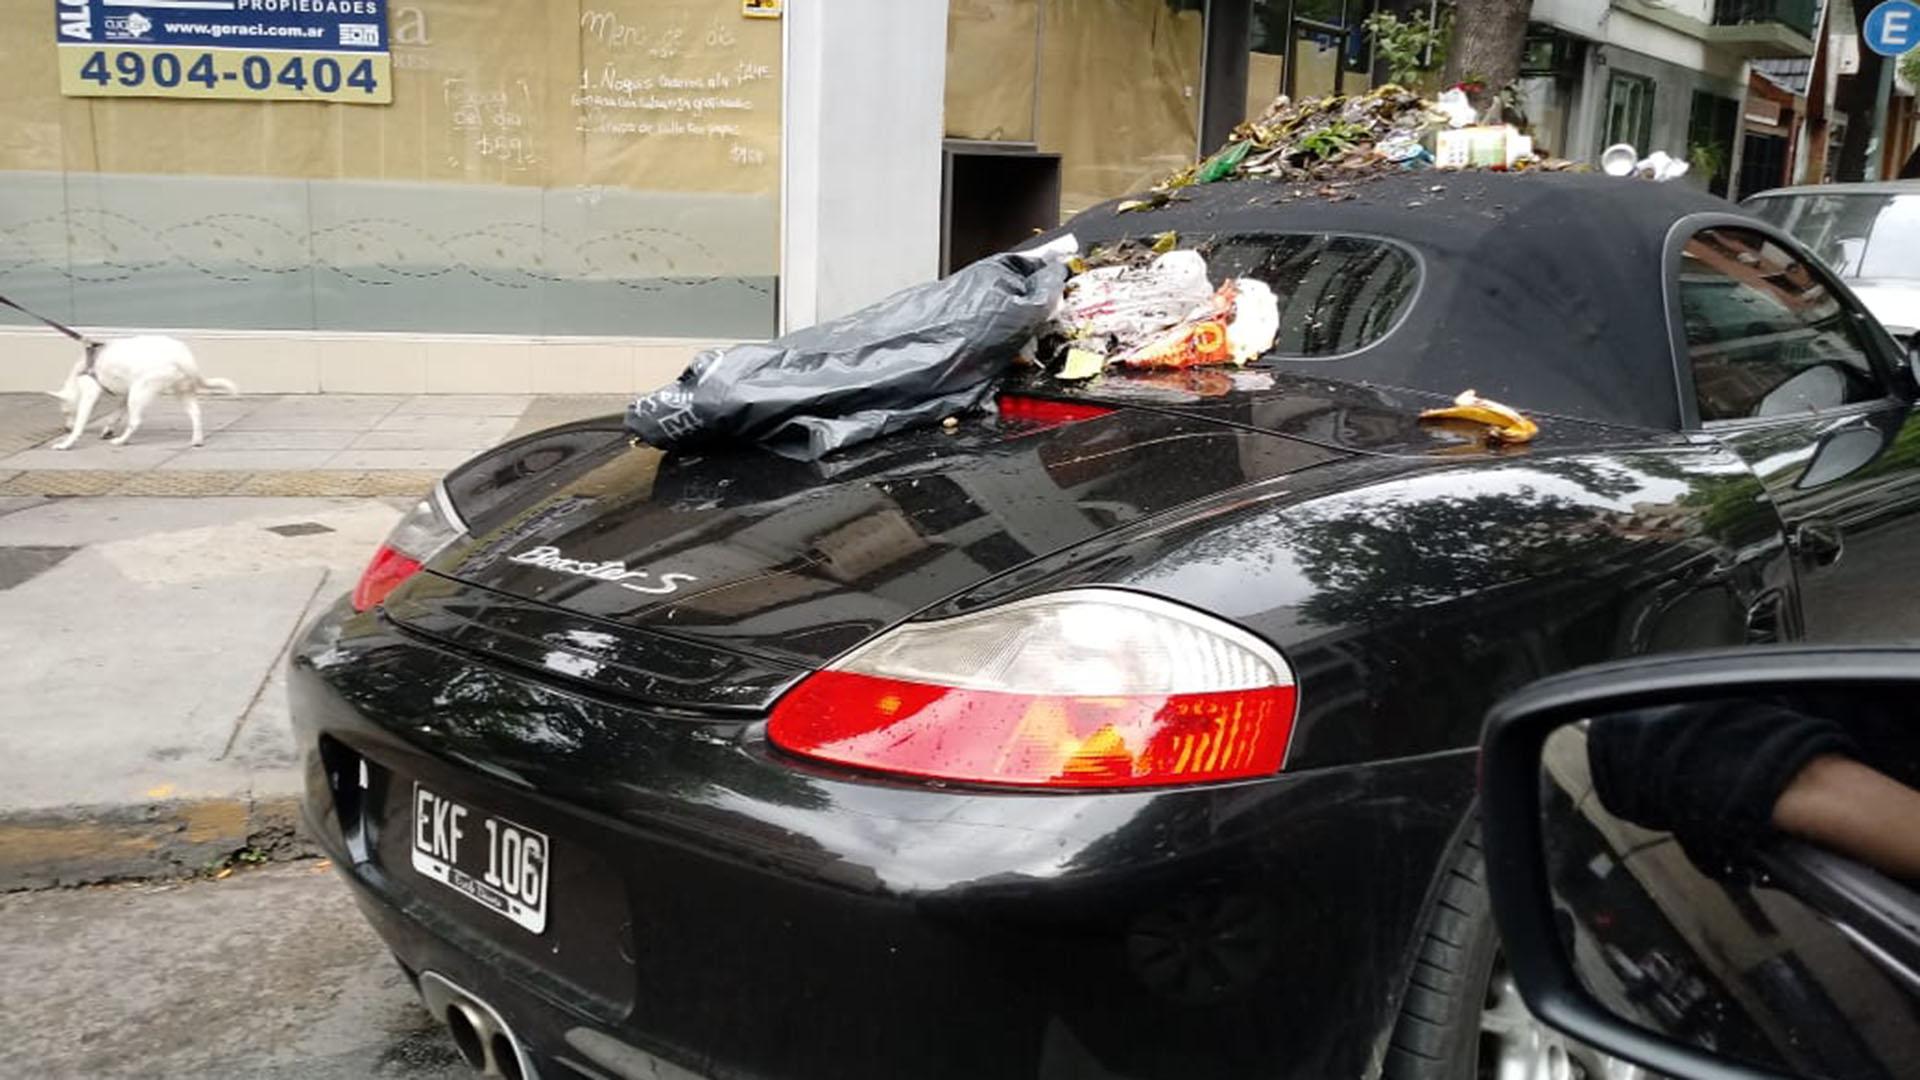 El conductor del deportivo lo estacionó en la esquina de la avenida Juan Bautista Alberdi y Viel en el barrio porteño de Caballito (Twitter: @TransitoTwiit)